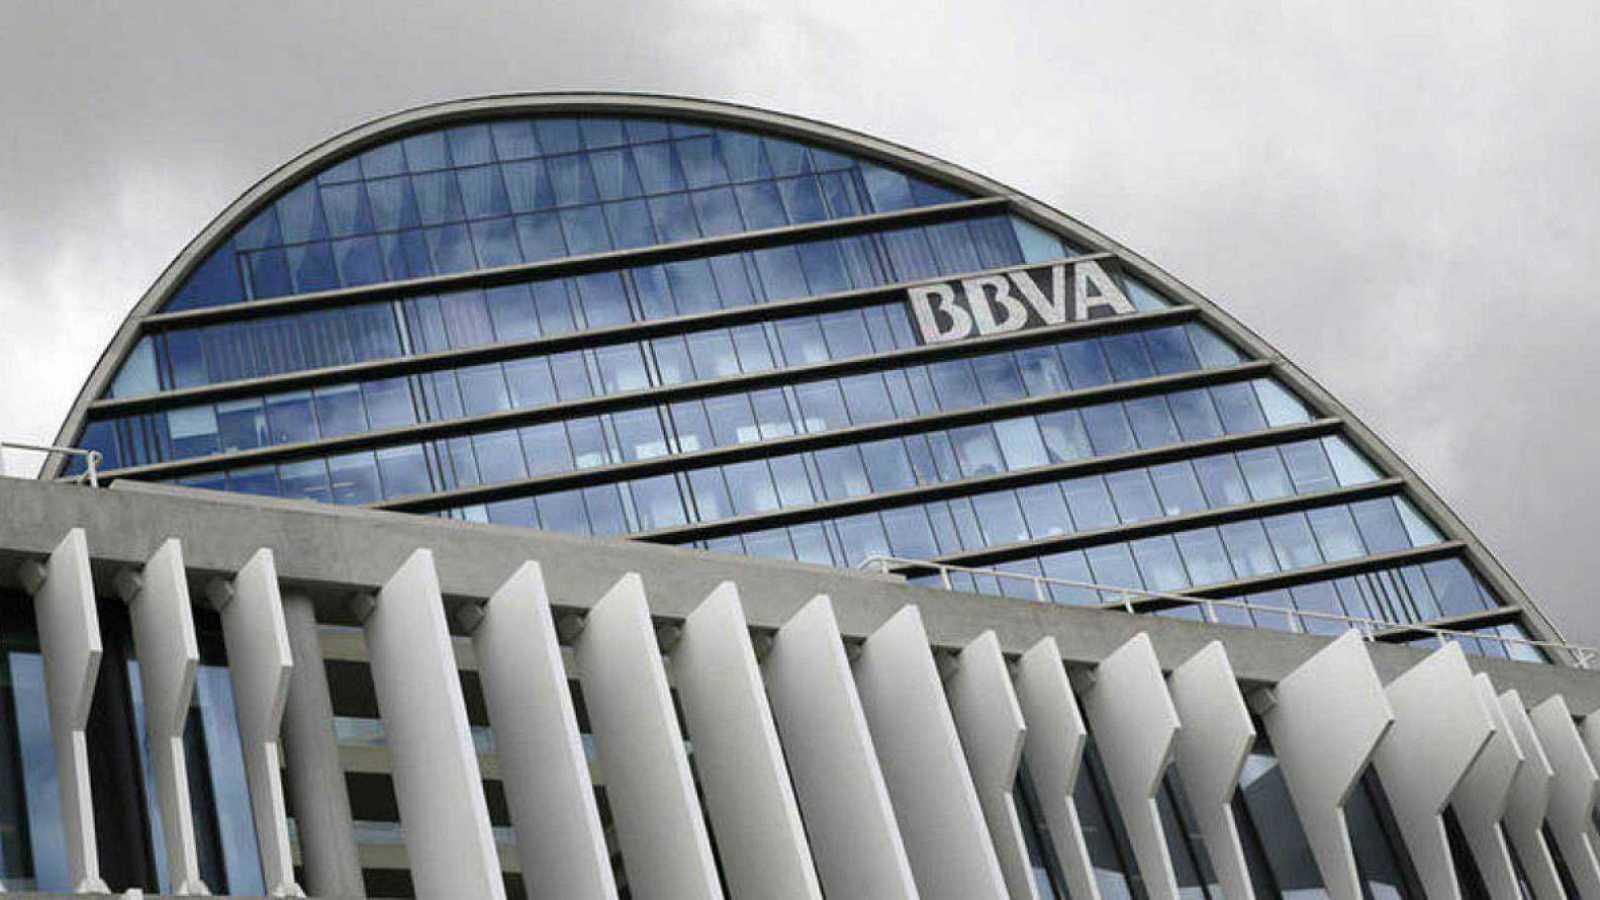 El juez cifra en 10 millones los pagos del BBVA a Villarejo